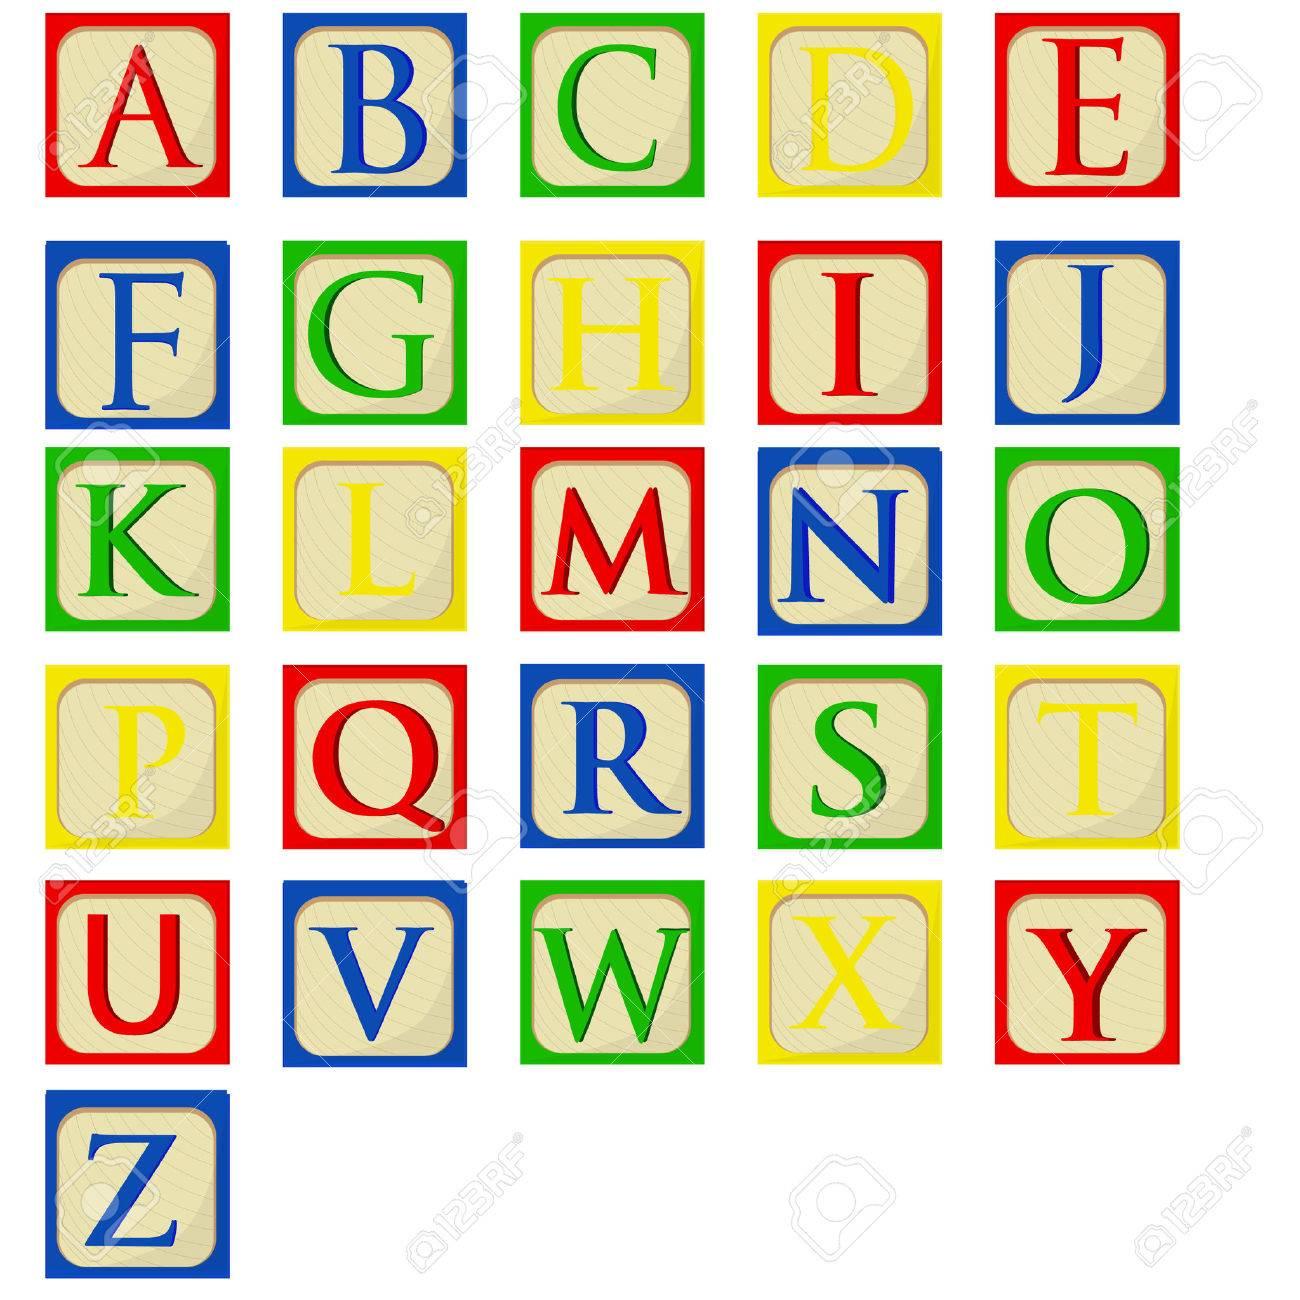 Bunte Alphabet Baby-Blöcke Vektor-Set, Bausteine, Lateinische ...